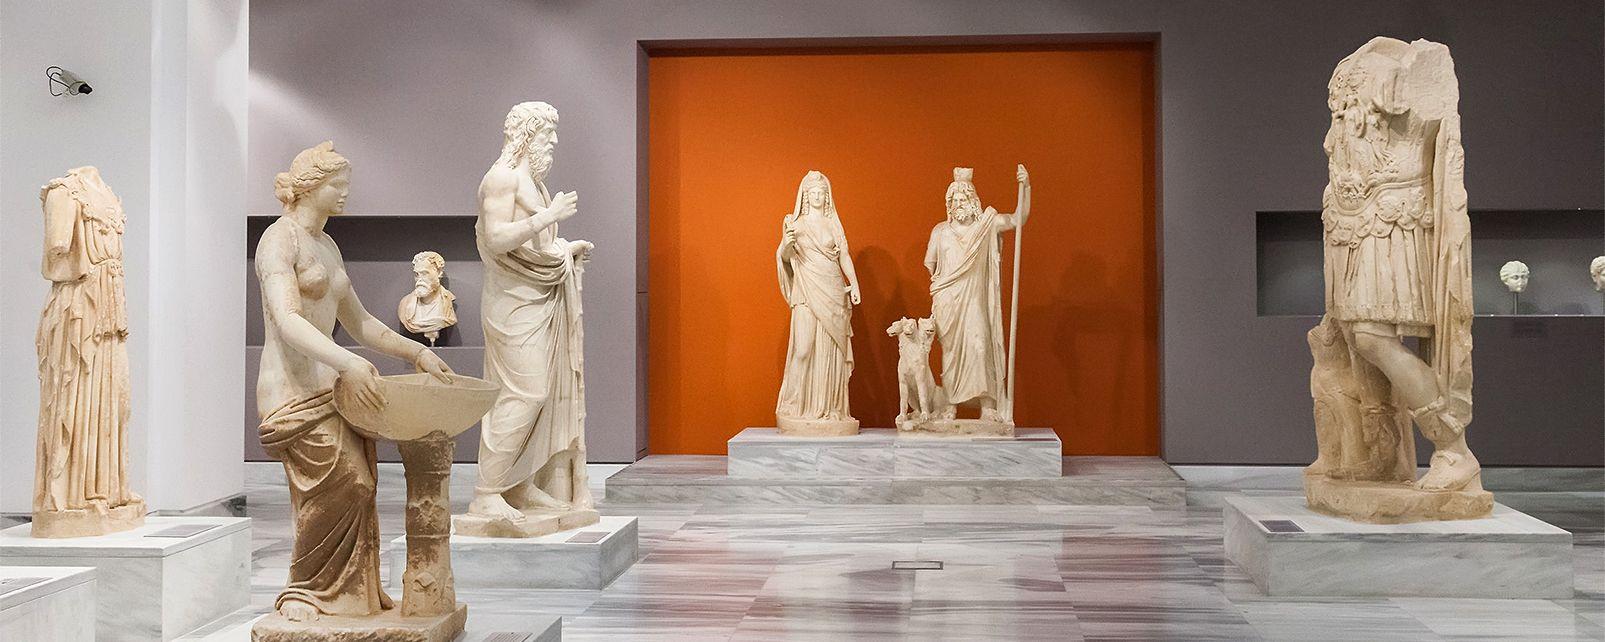 Musée d'Héraklion , Museo de Heraclión , Grecia